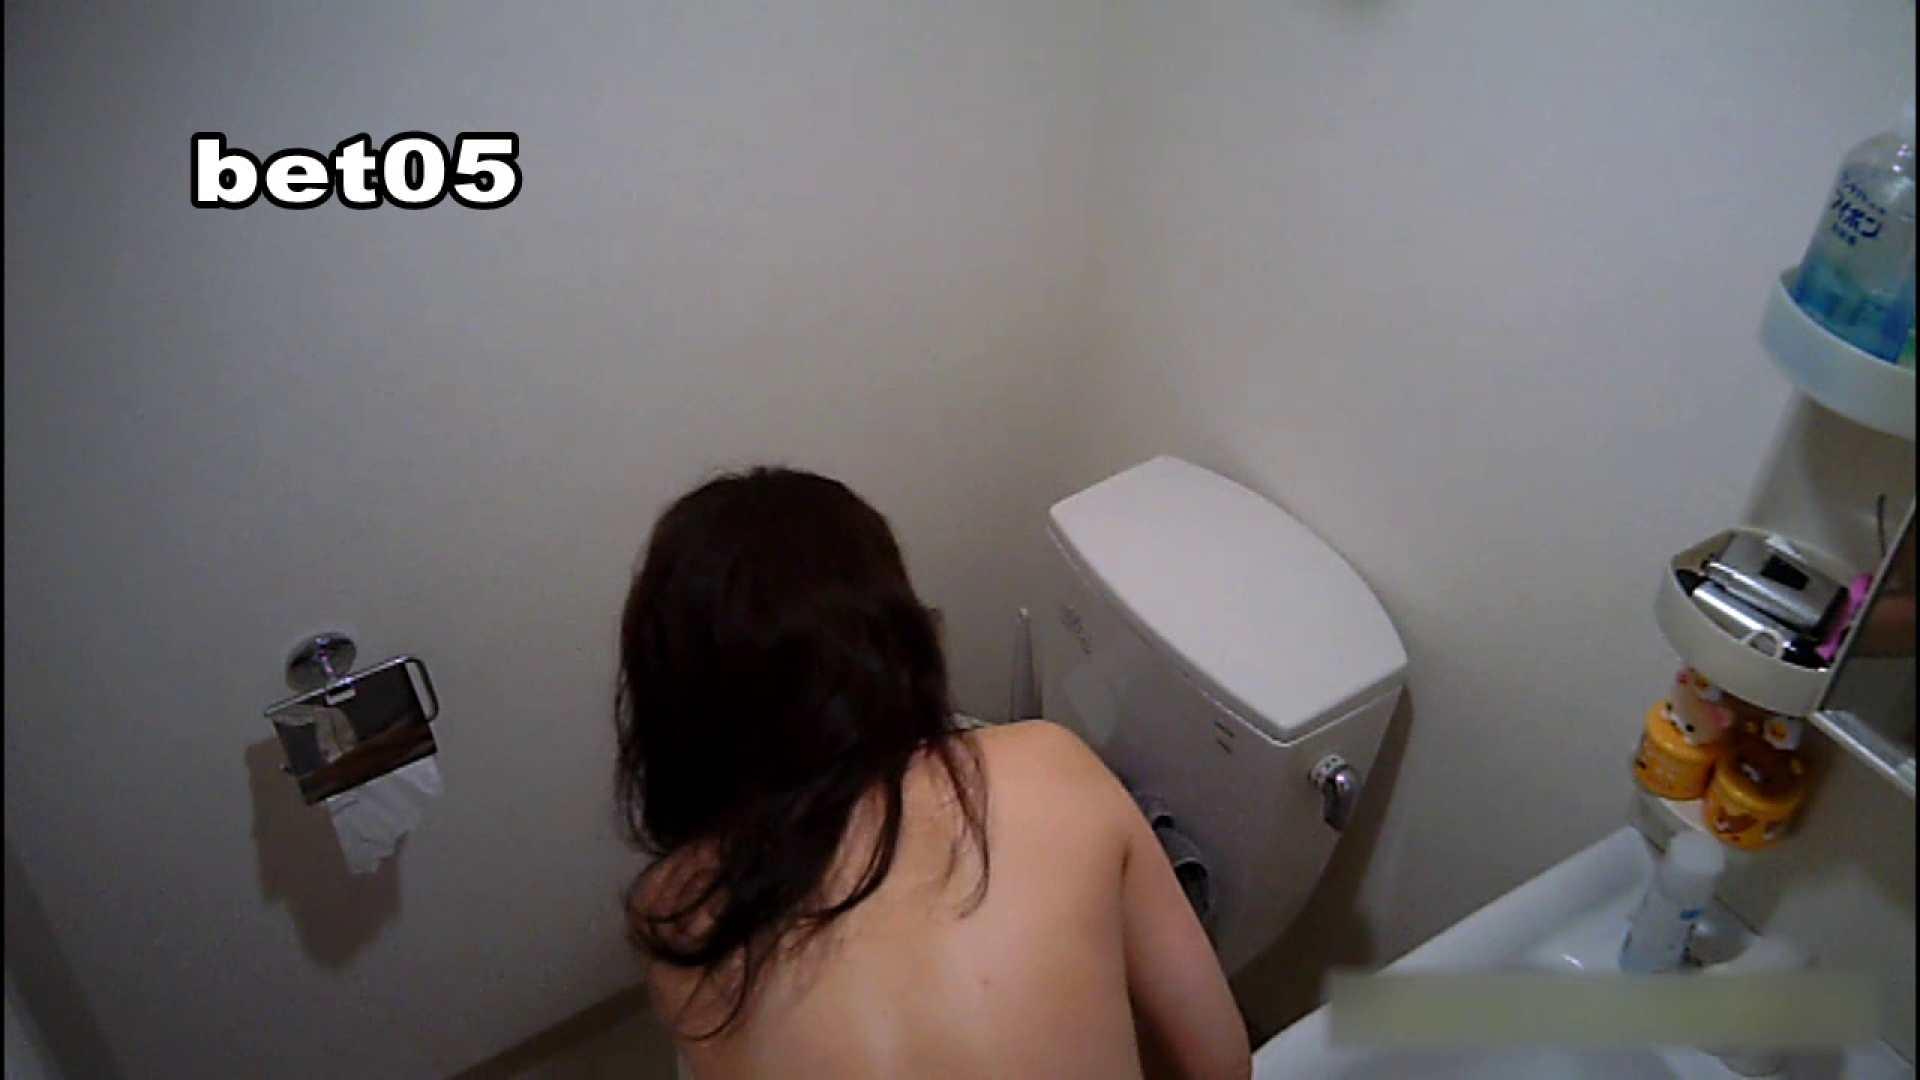 ミキ・大手旅行代理店勤務(24歳・仮名) vol.05 オマケで全裸洗面所も公開 リベンジ  100PIX 52